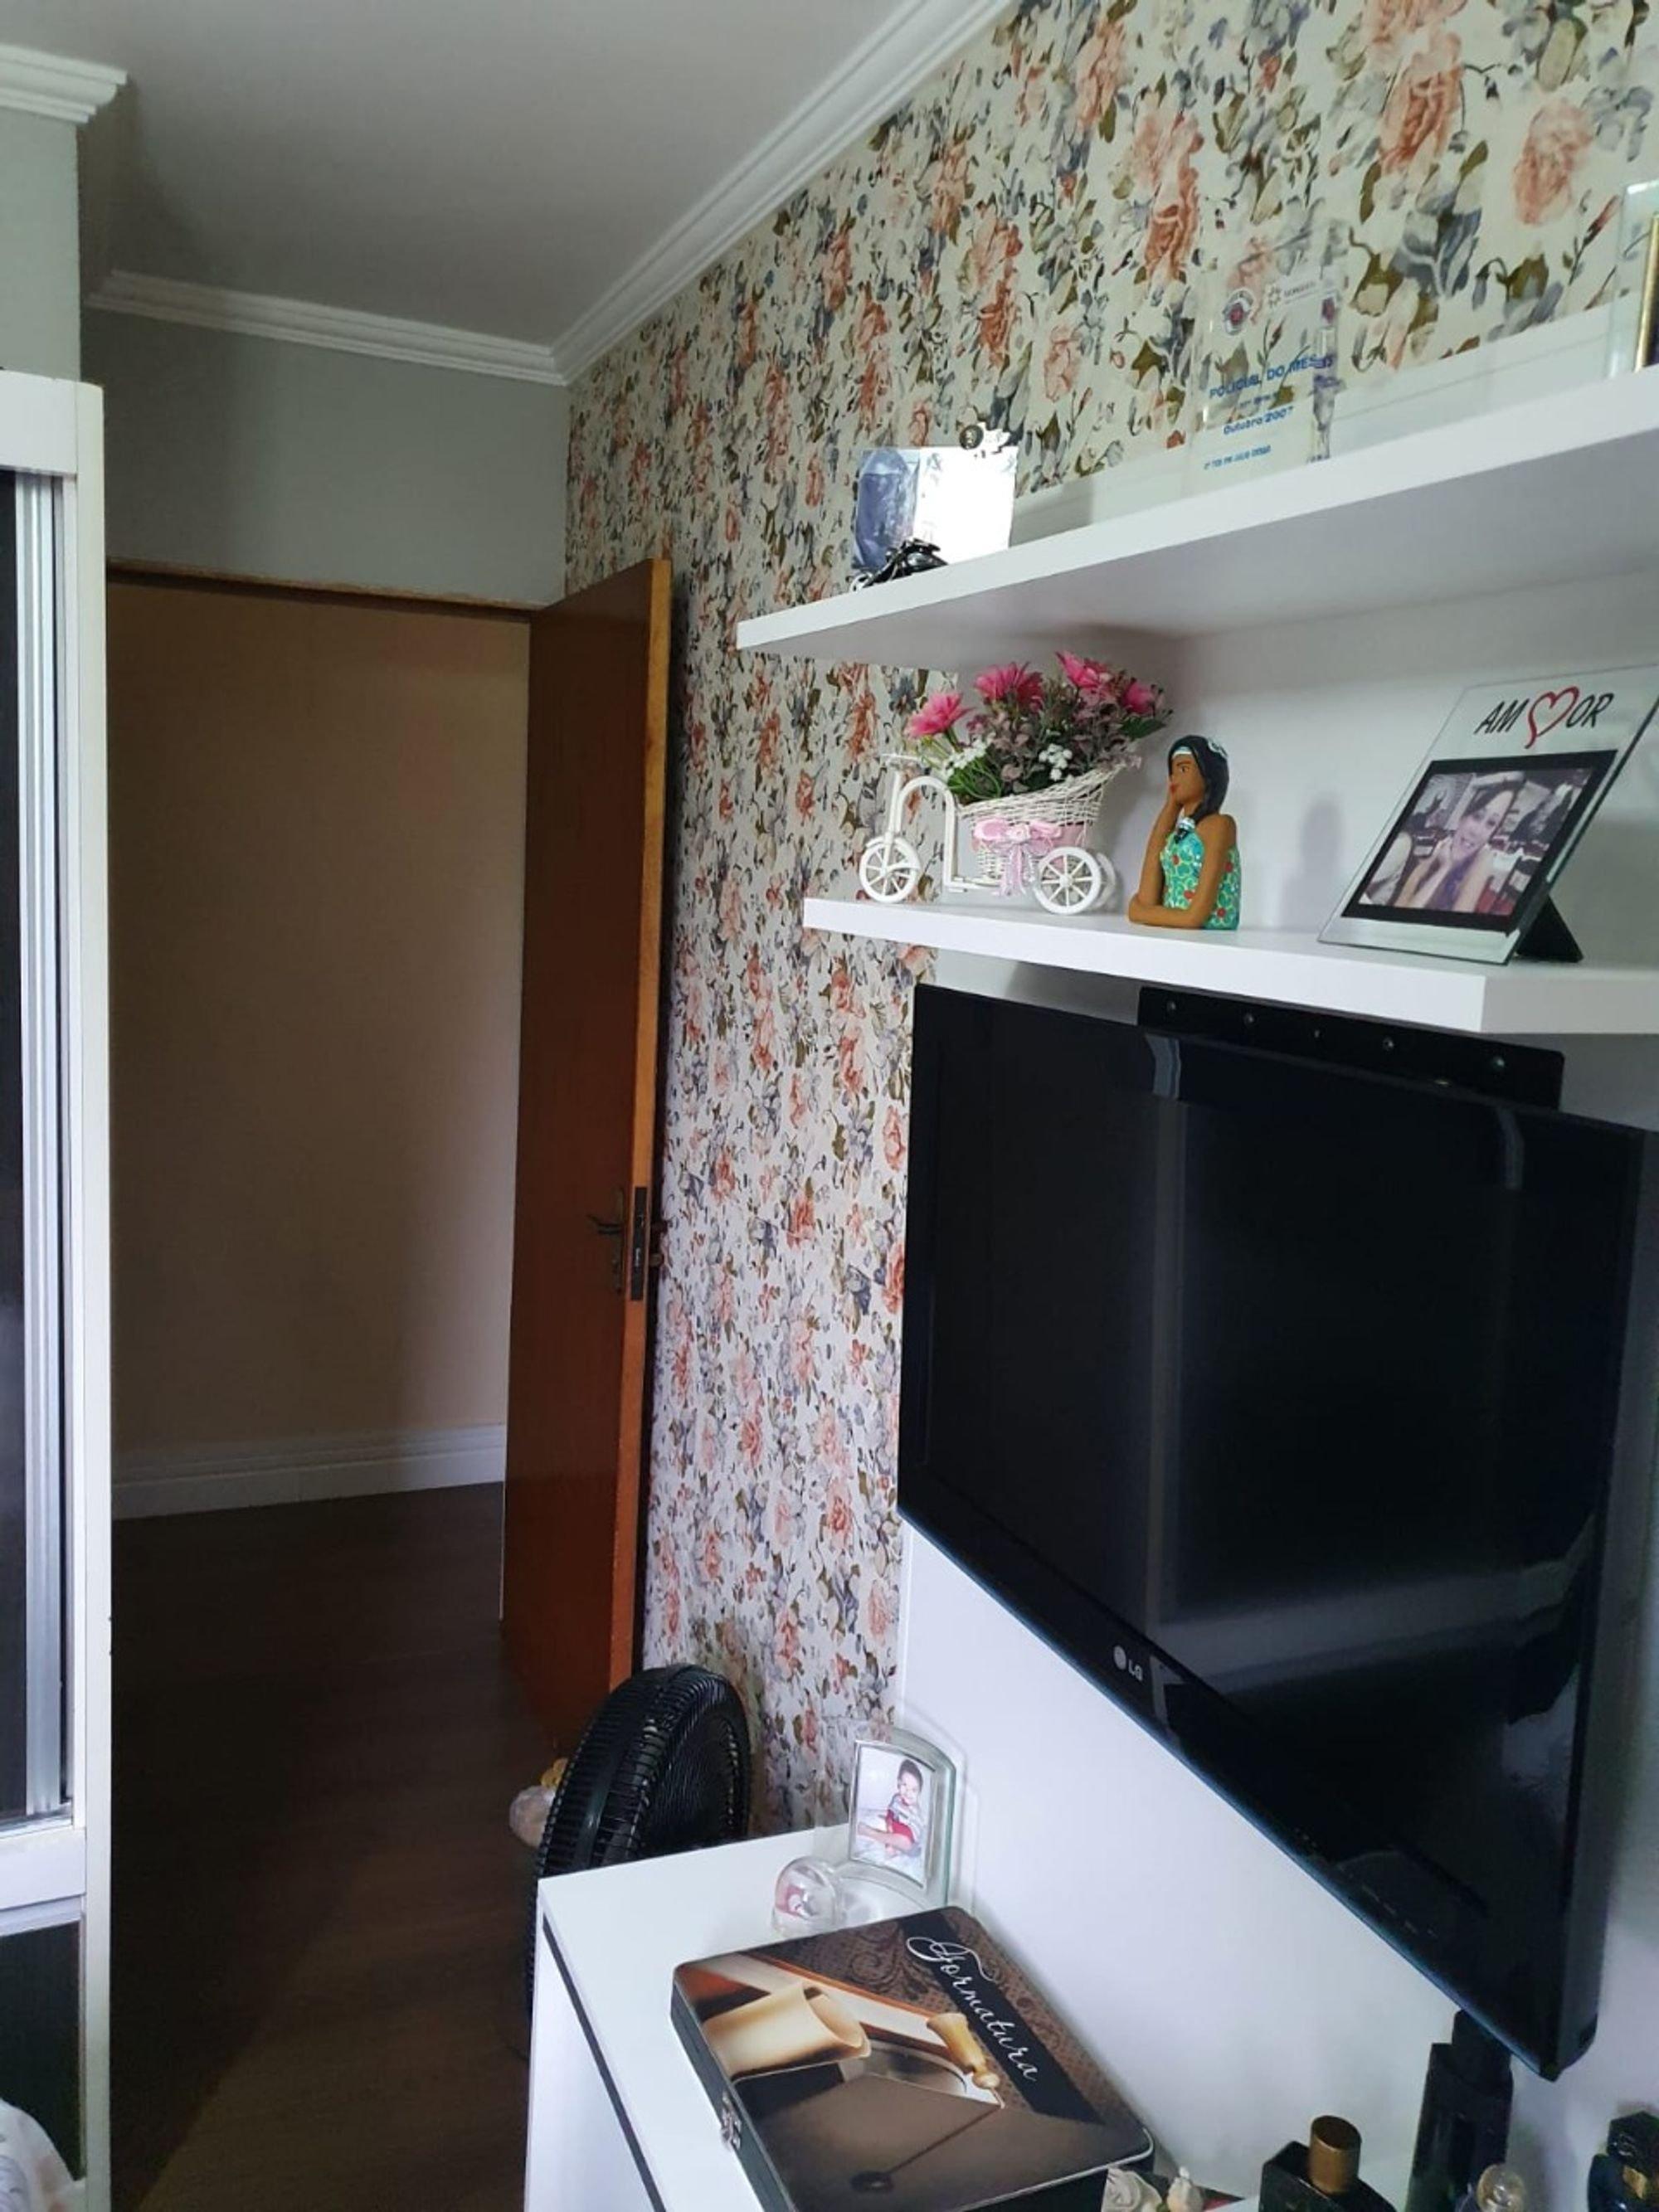 Foto de Cozinha com vaso de planta, televisão, vaso, garrafa